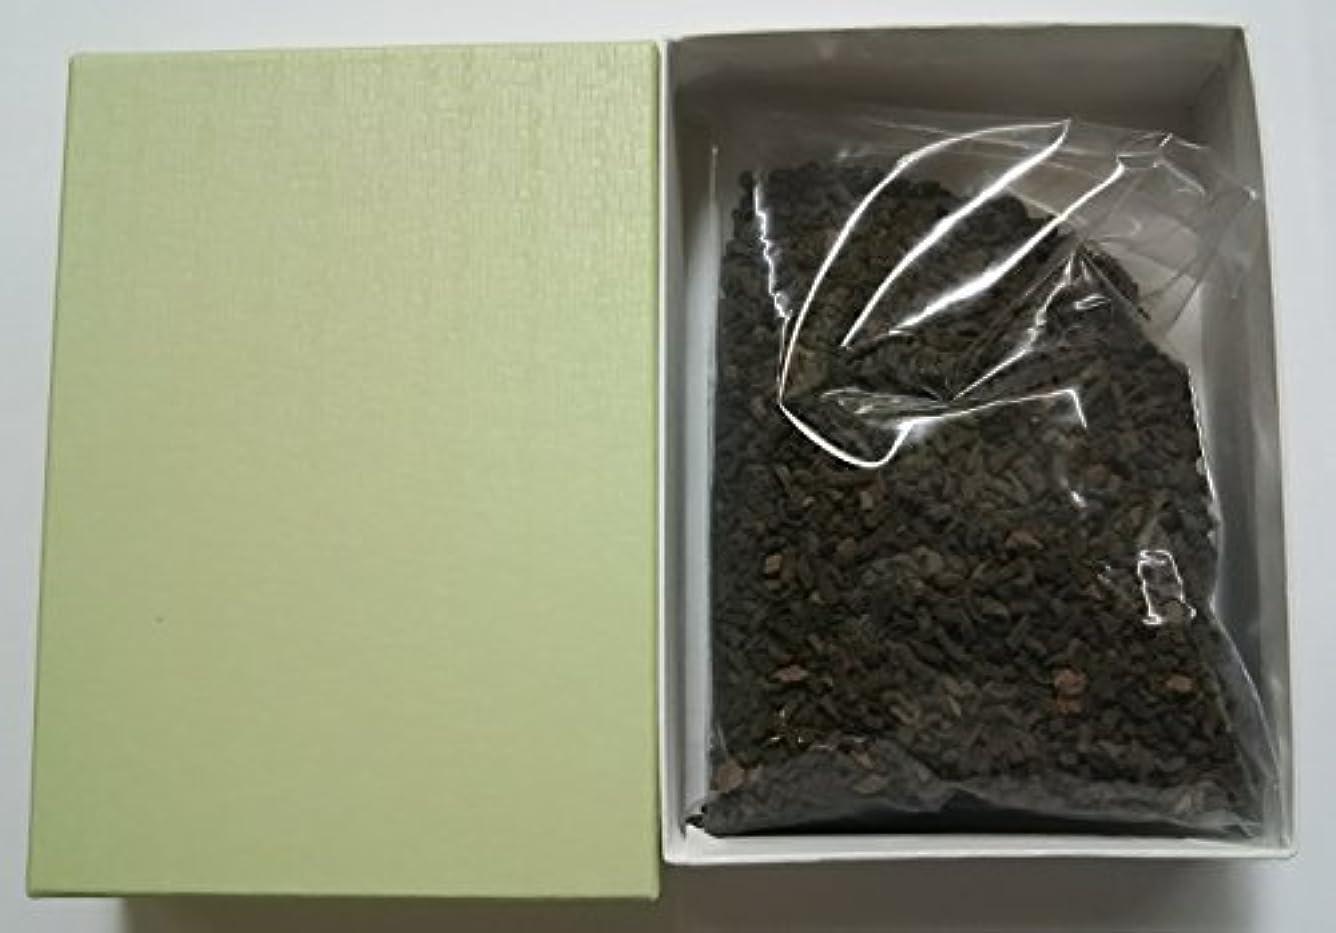 言う代表破壊的煙の少ない黒沈香木 G89 高級お香 お焼香用 けむりの少ないお香 お焼香 agarwood